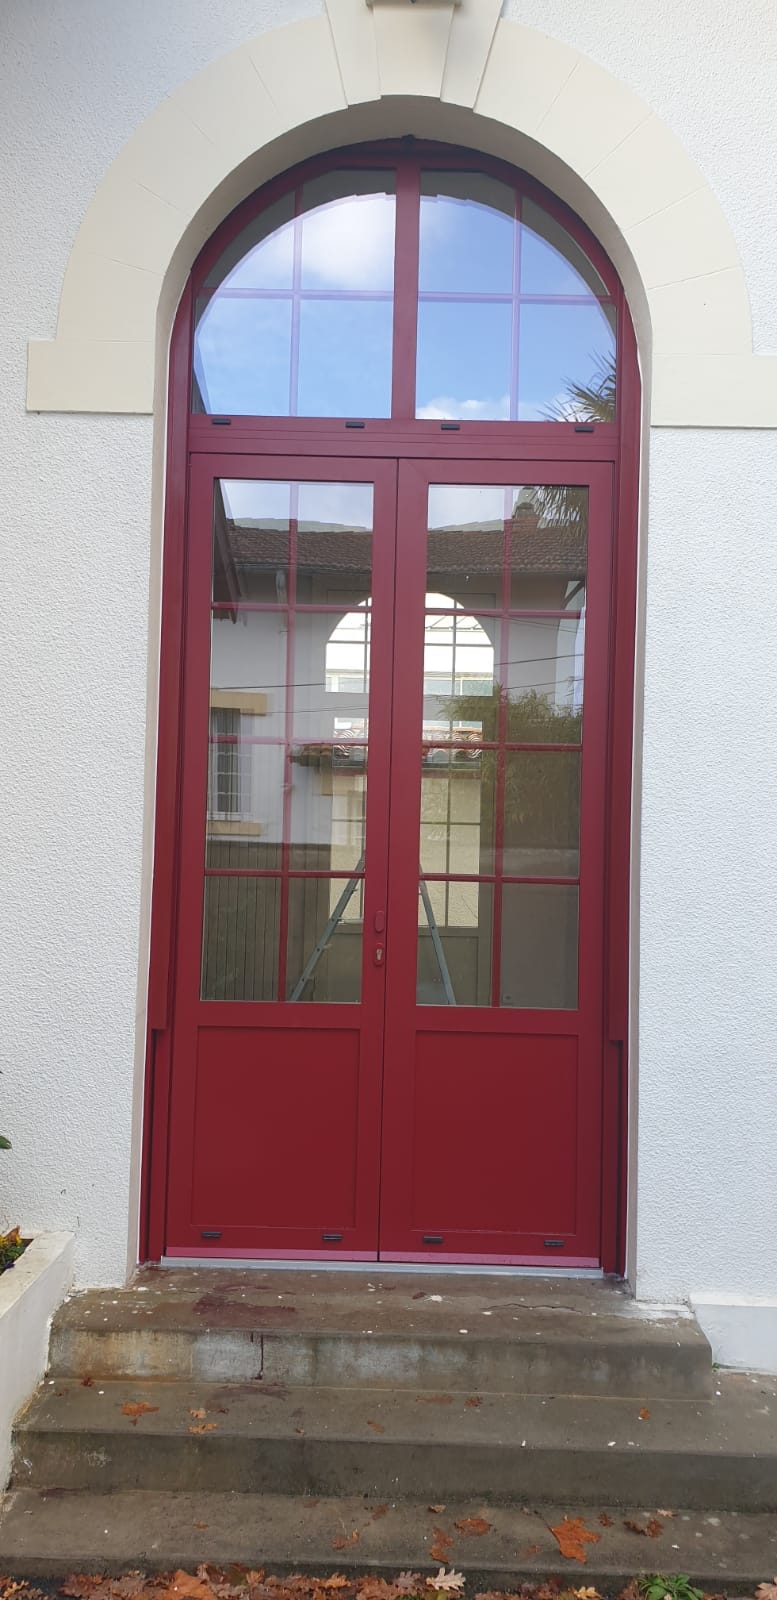 Porte fenêtre aluminium avec soubassement et volet roulant